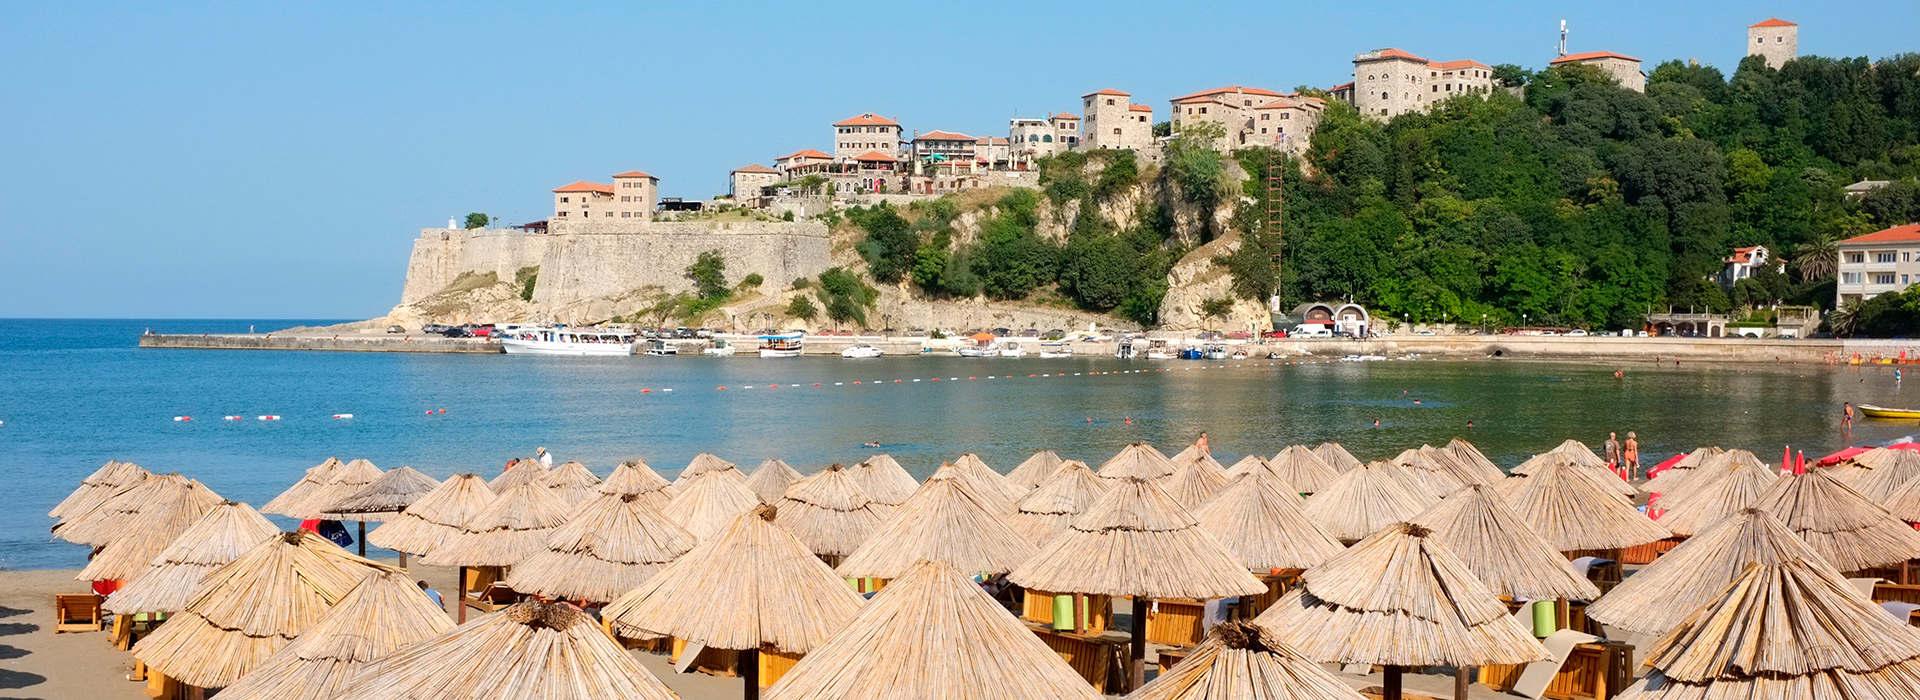 Бюджетные курорты Европы: где отдохнуть недорого и с душой